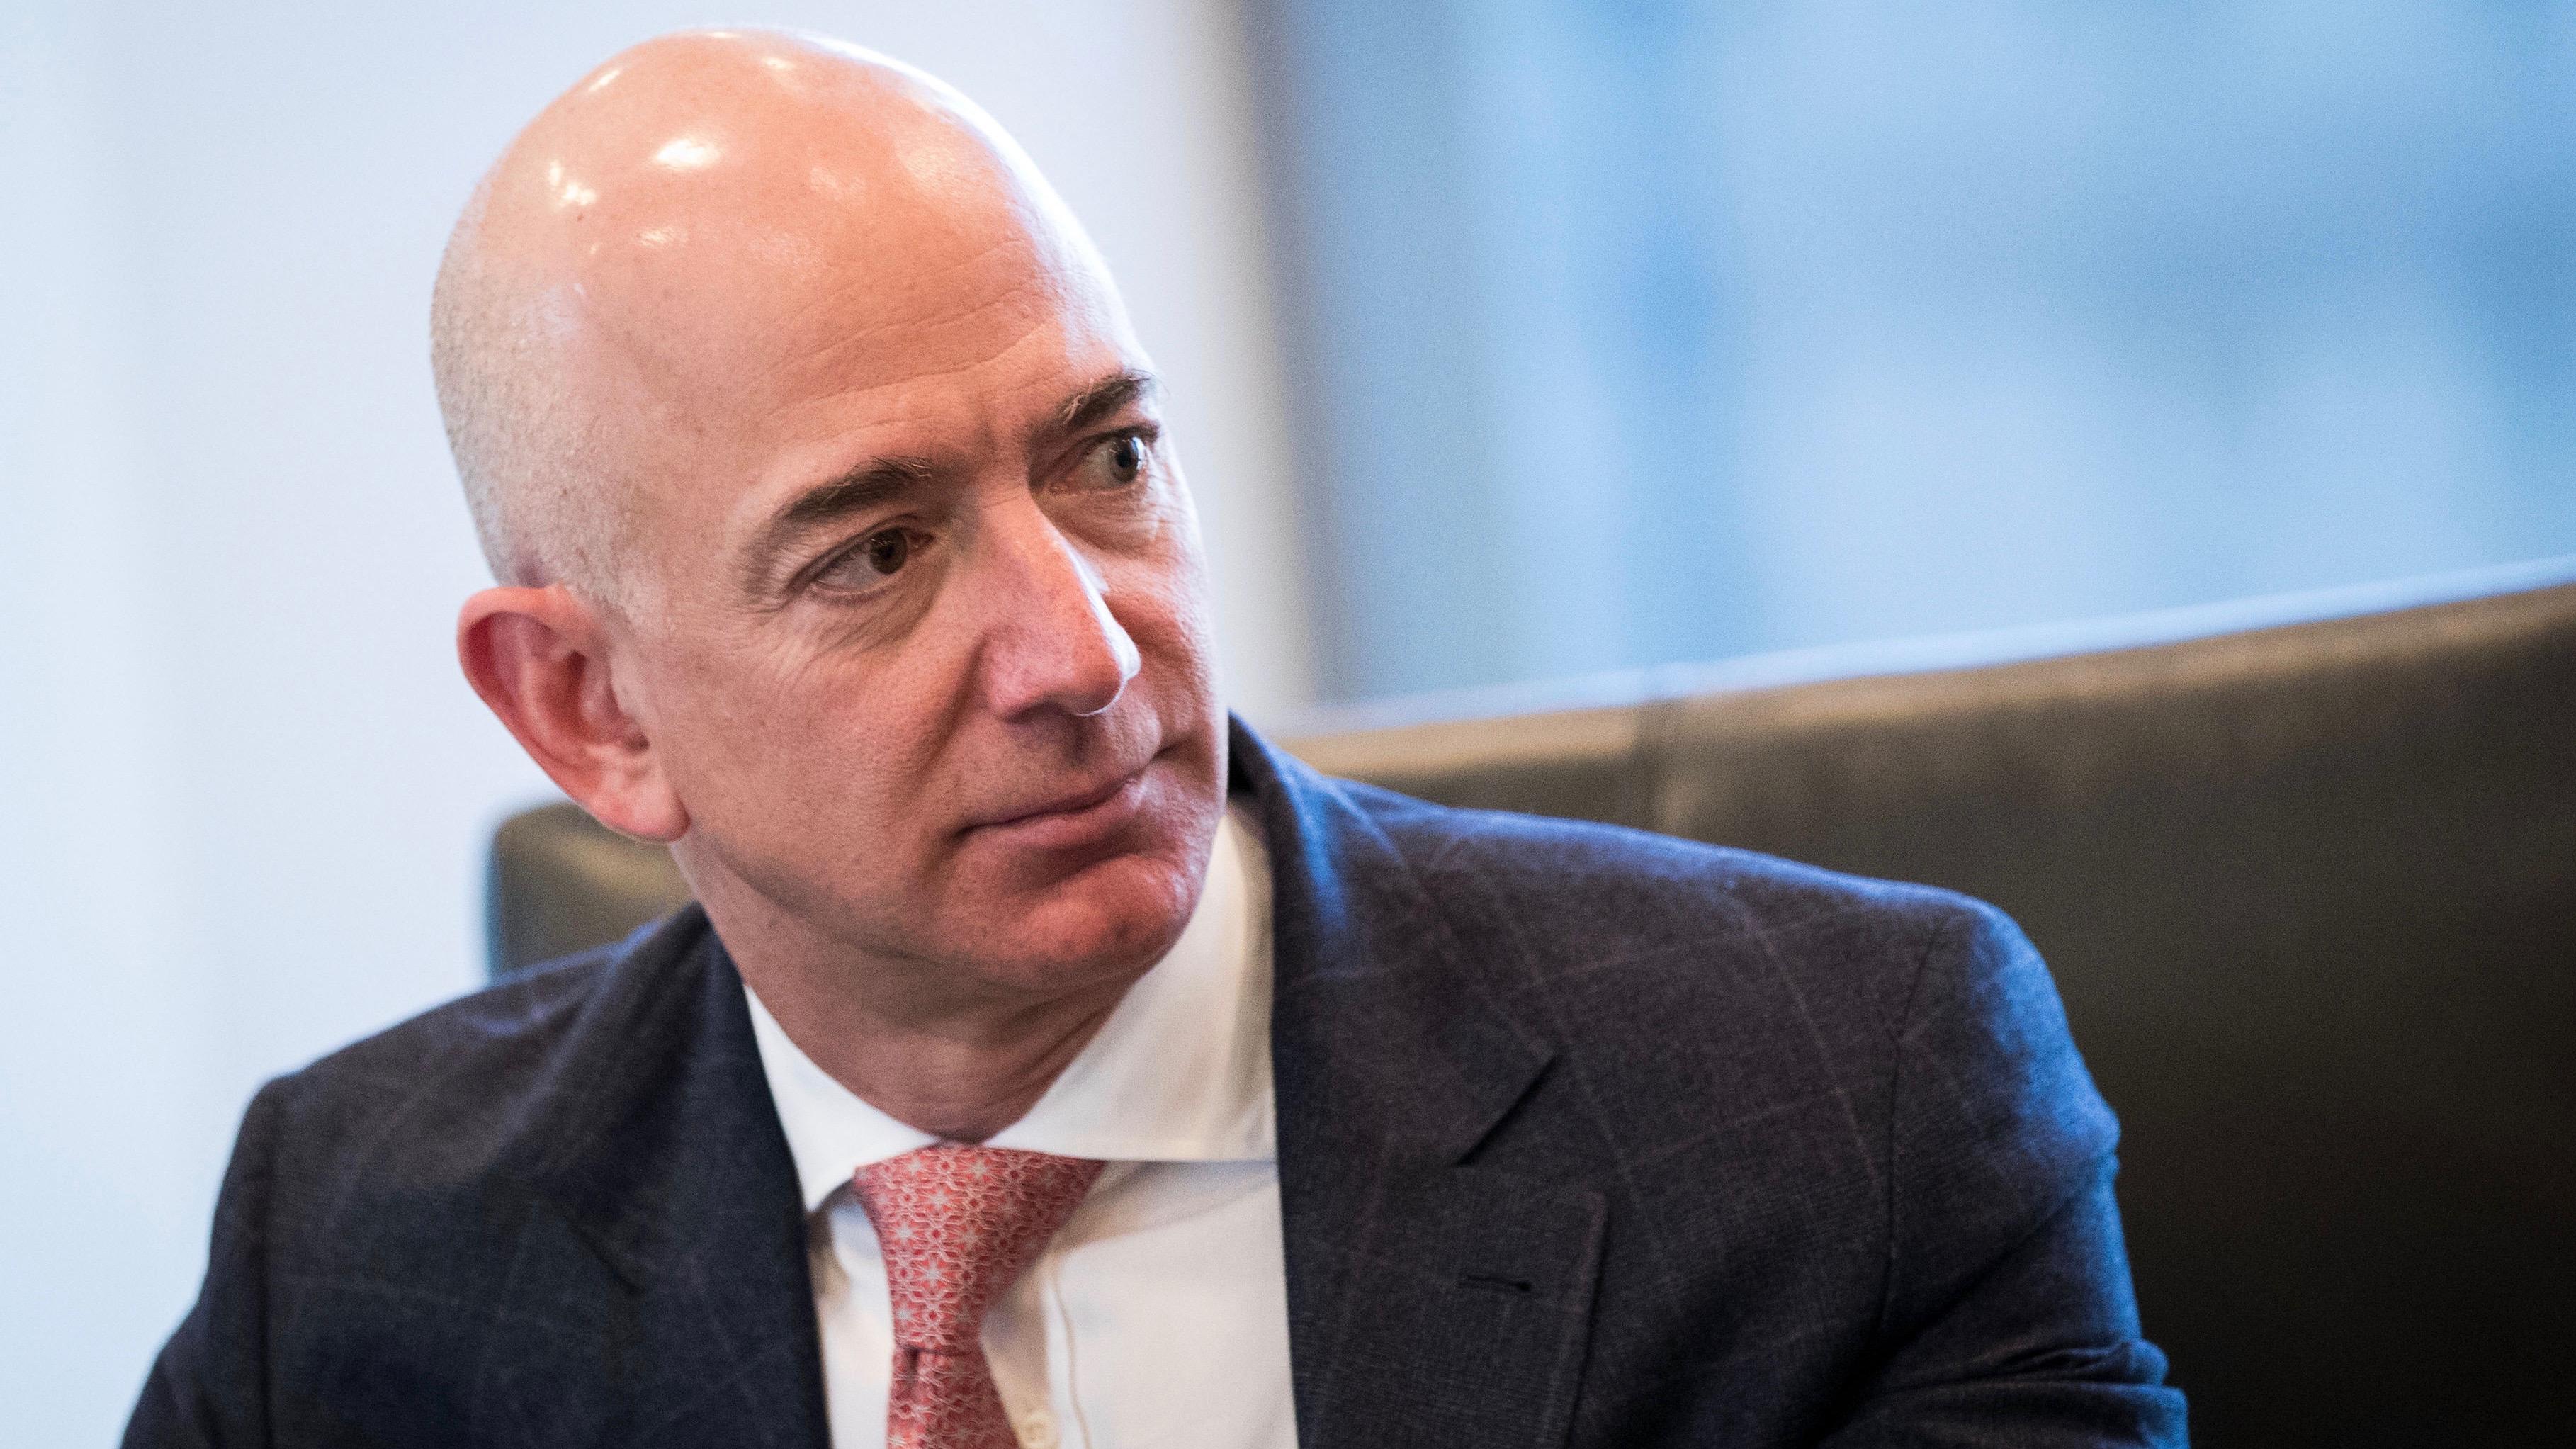 Amazonのジェフ・ベゾスCEO、成功の秘訣は「80歳の自分」を想像すること ...